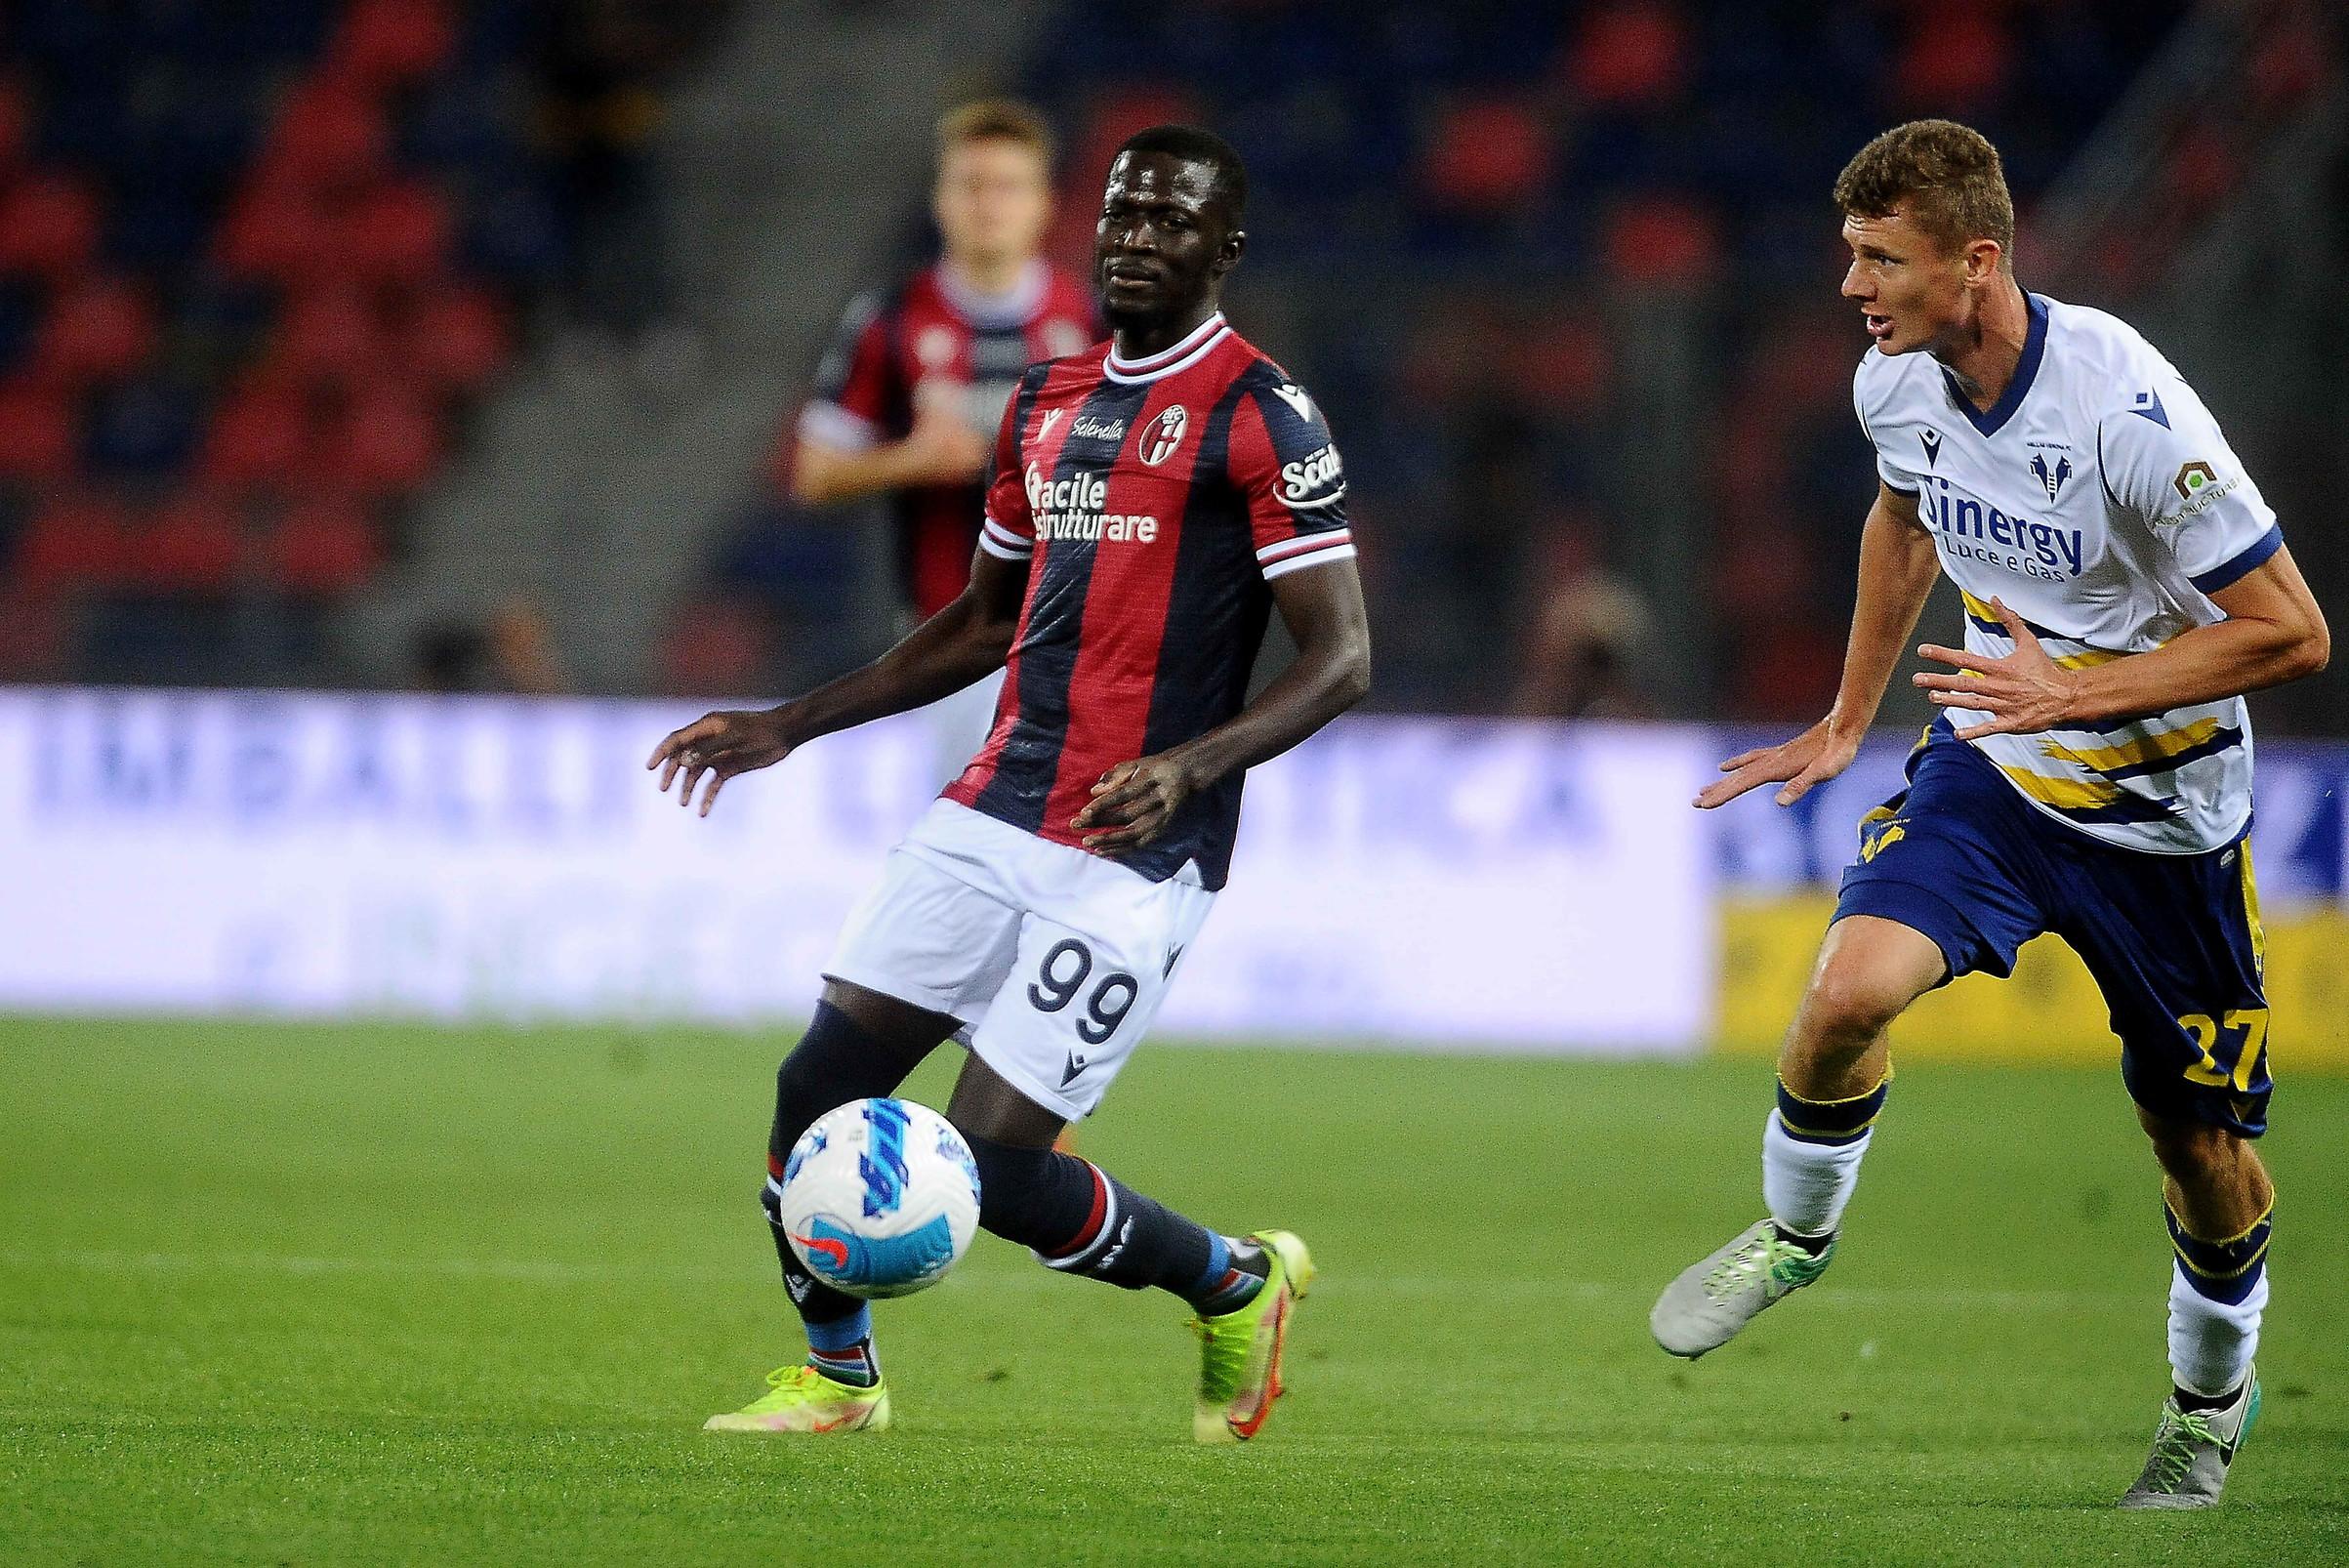 I migliori scatti di Bologna-Verona 1-0, ultima gara della 3a giornata di Serie A.<br /><br />